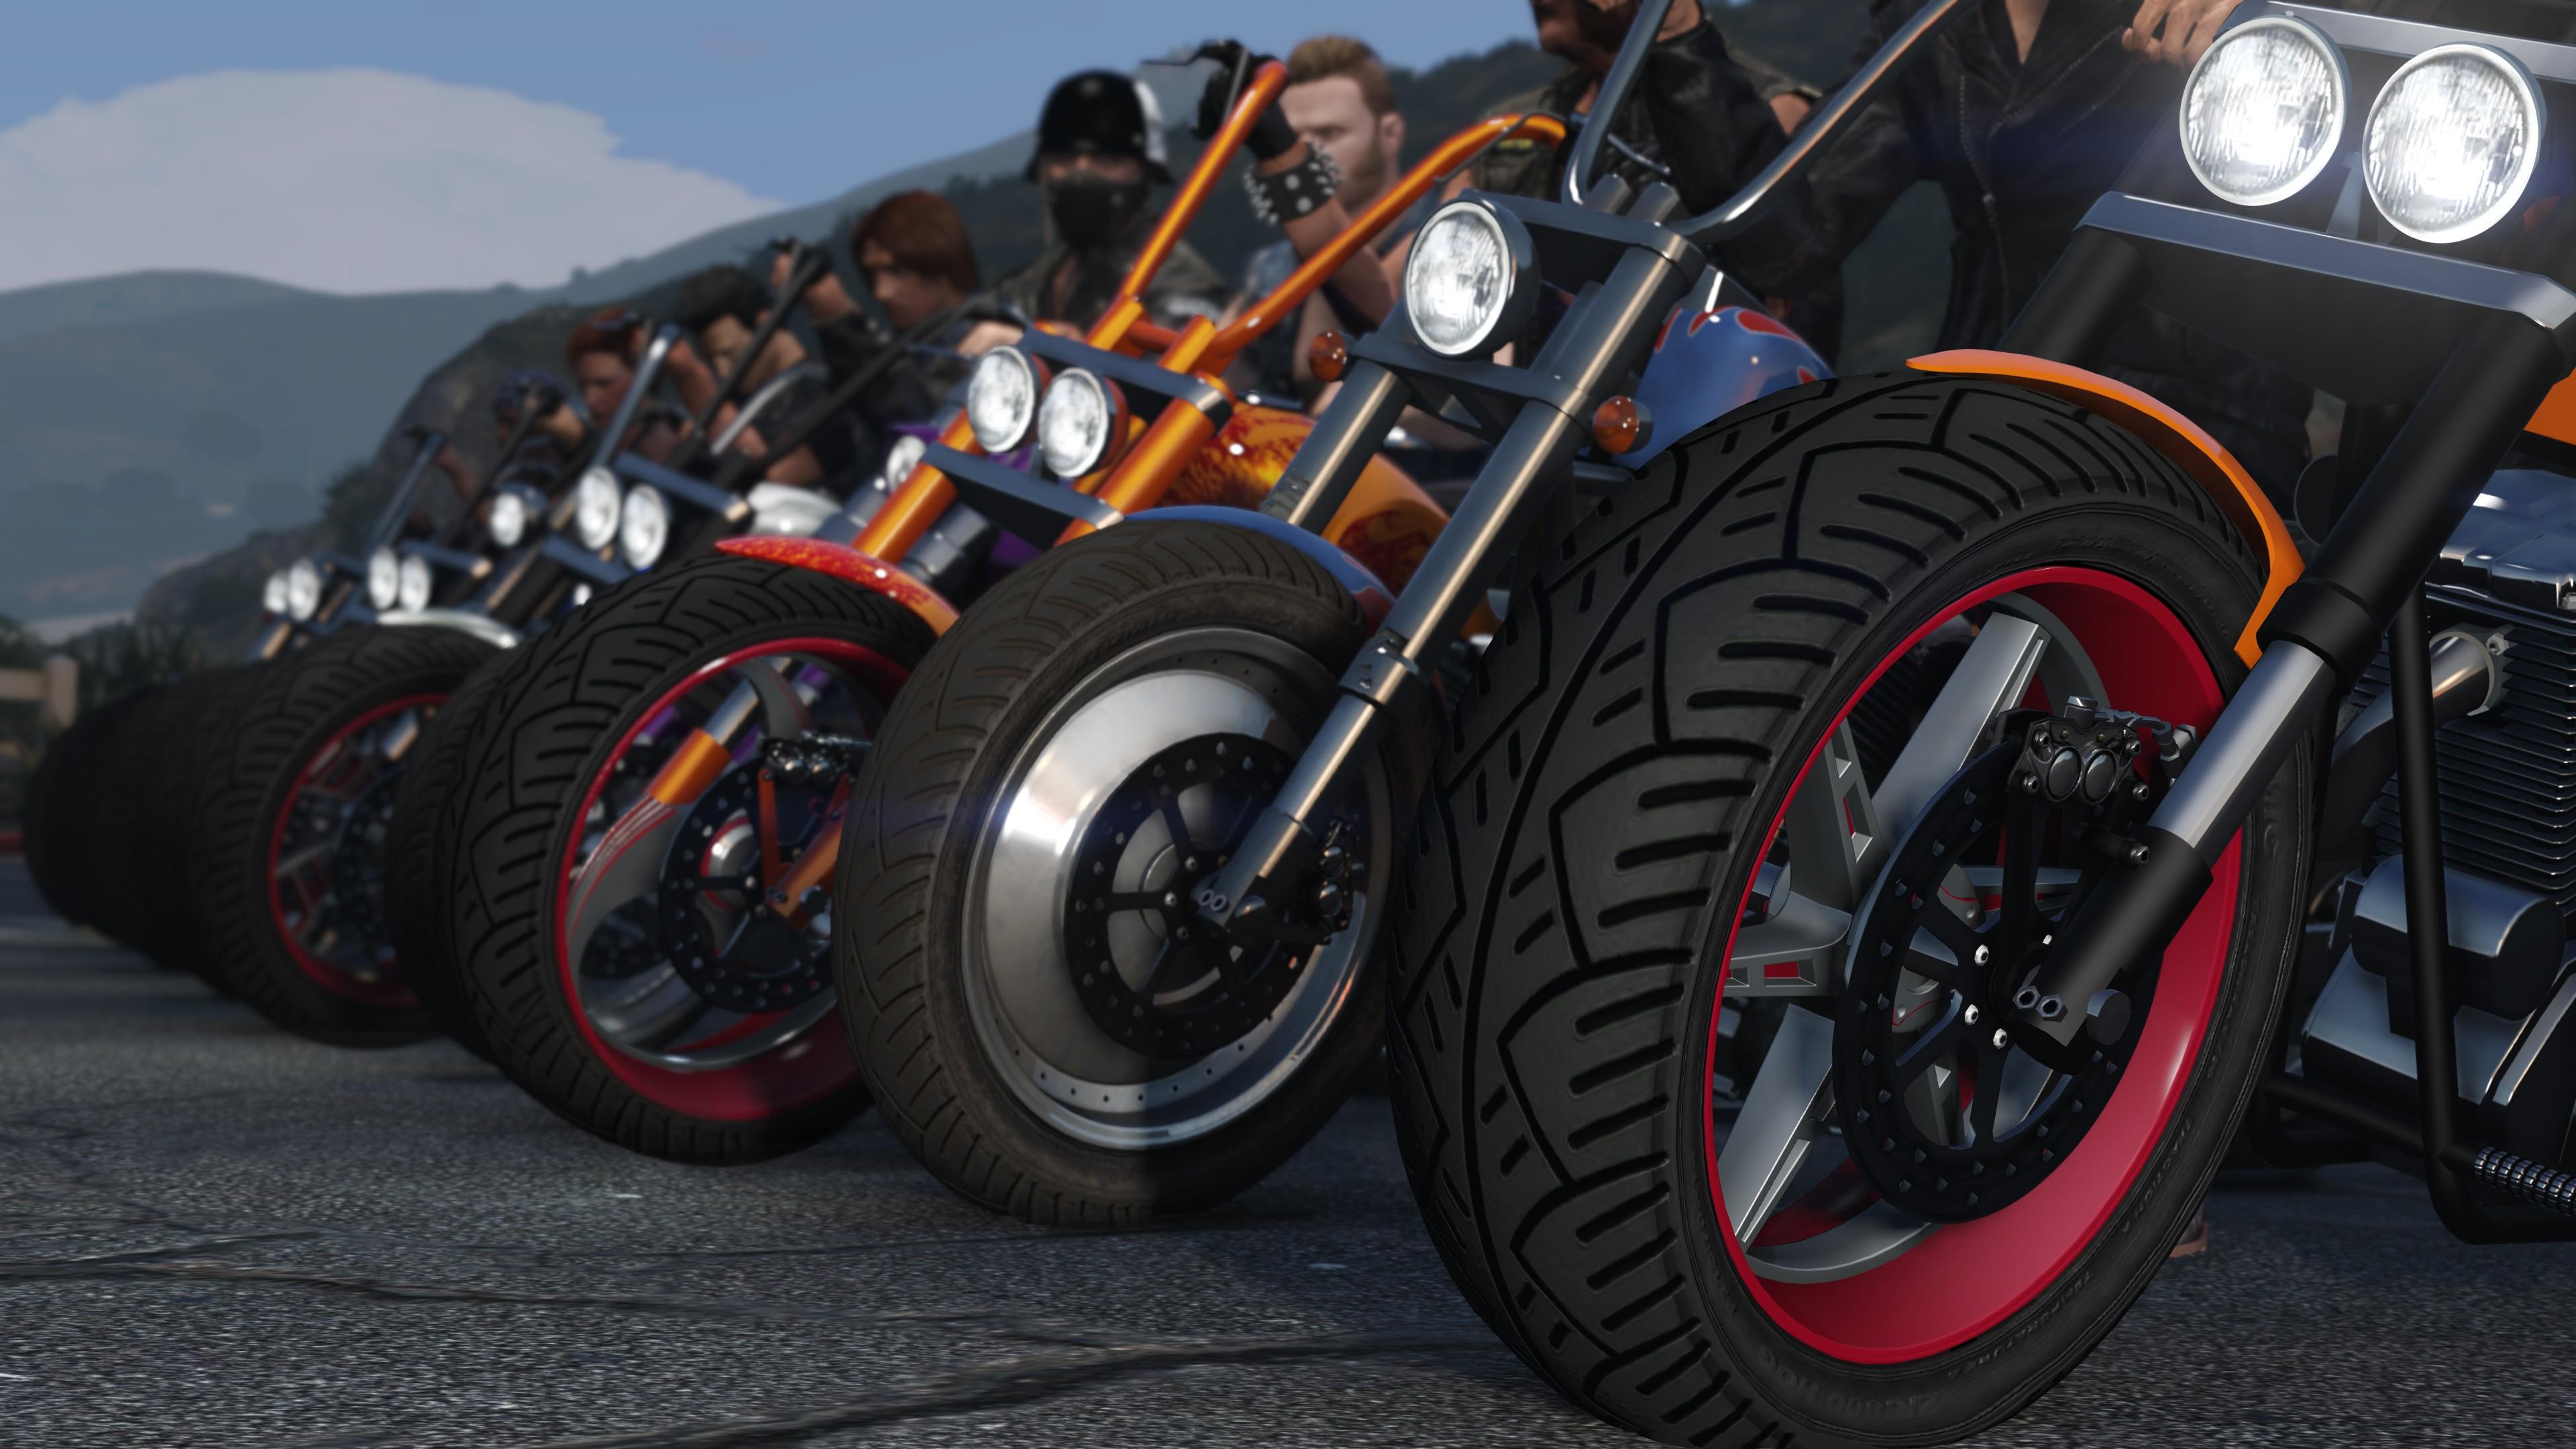 screen-bikers-01-hd.jpg